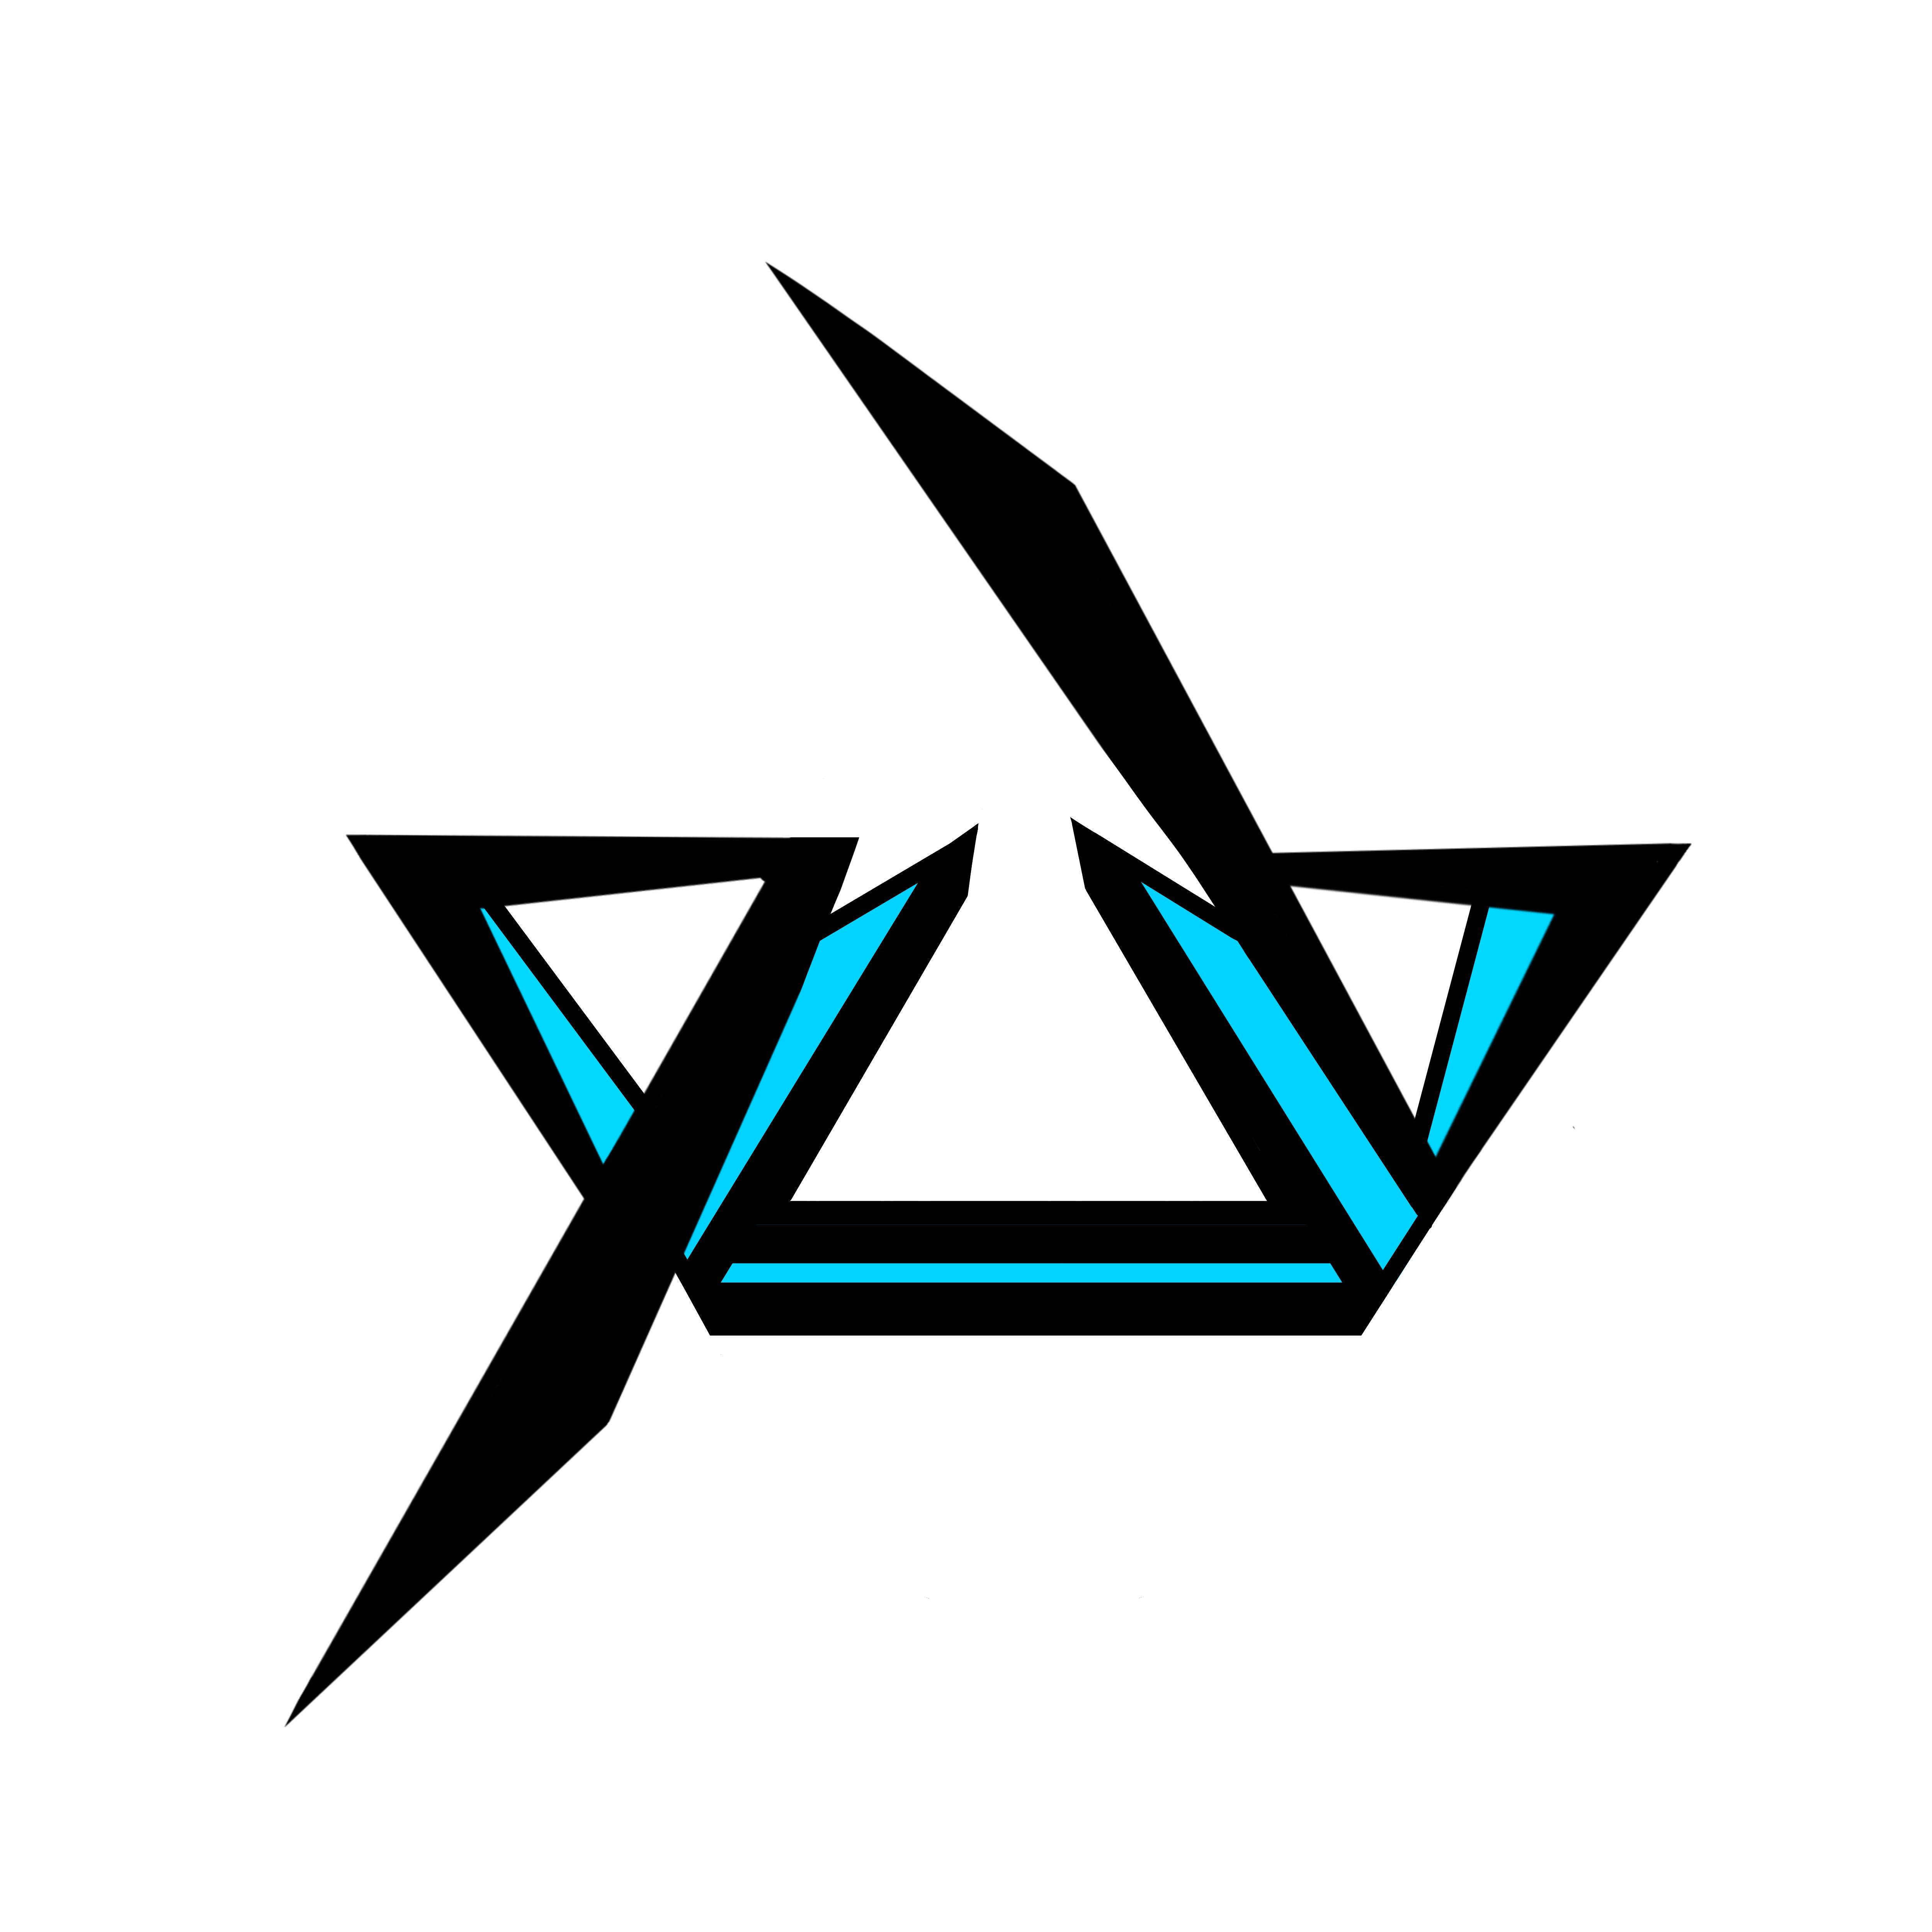 Разработка логотипа и фирменного стиля для ТМ фото f_5855f1d8f58bfb32.png